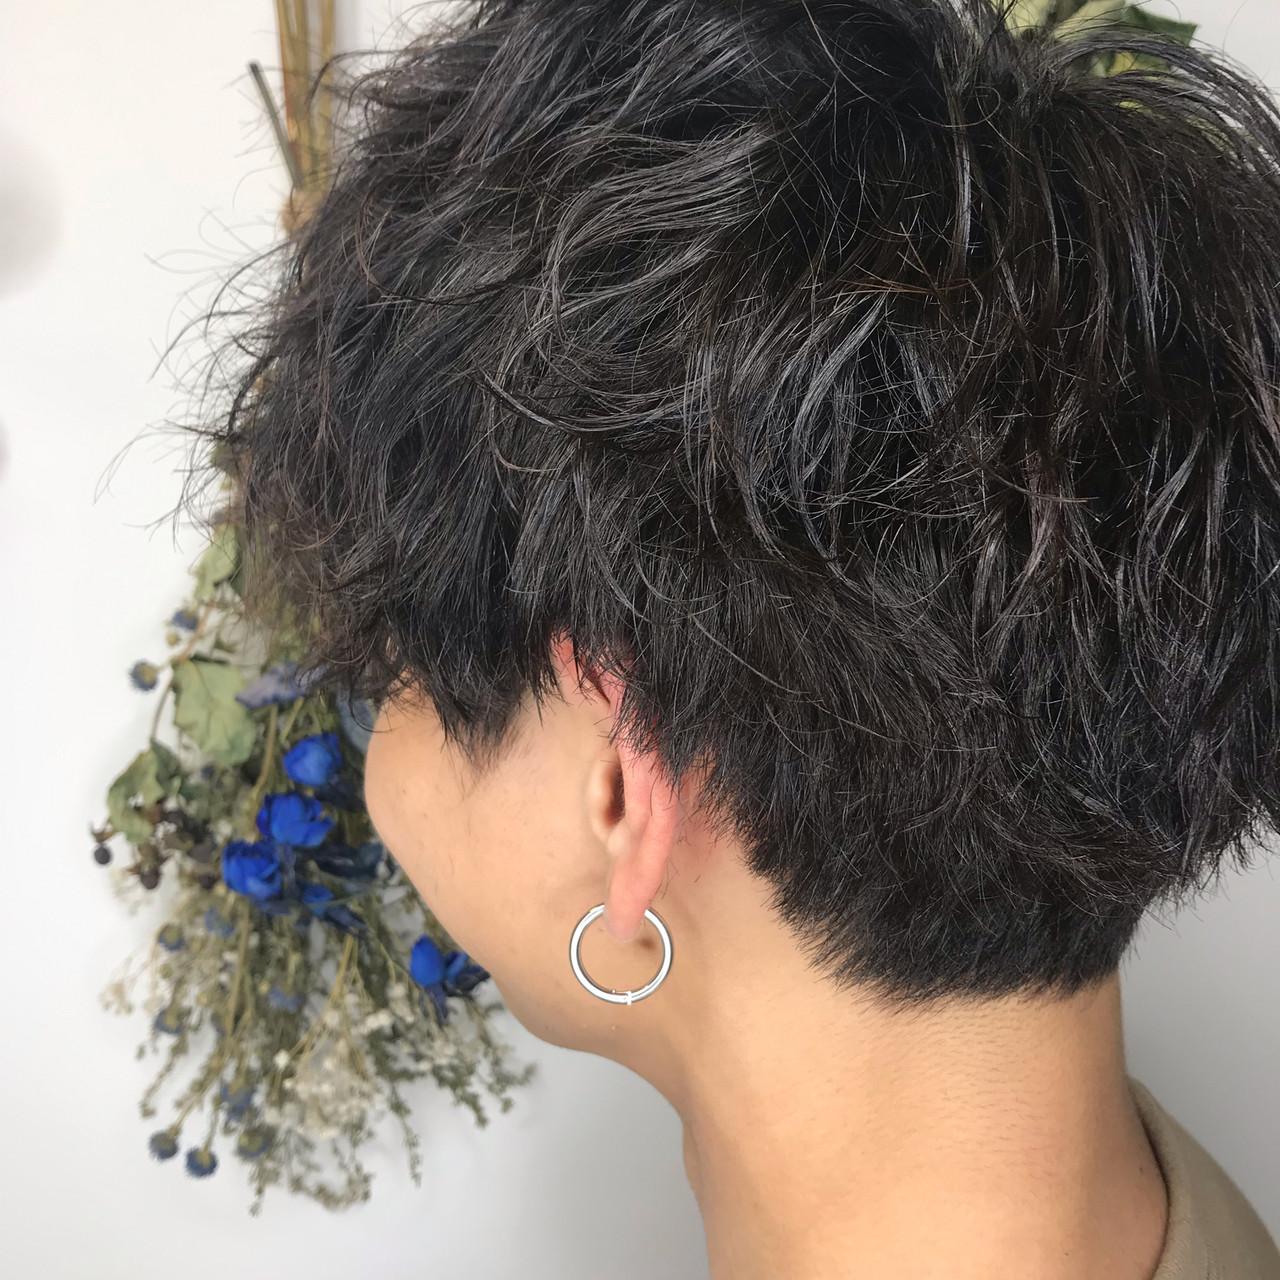 メンズカット ショート ツイスト ストリート ヘアスタイルや髪型の写真・画像 | 坂本高秀 / CHIANTI梅田